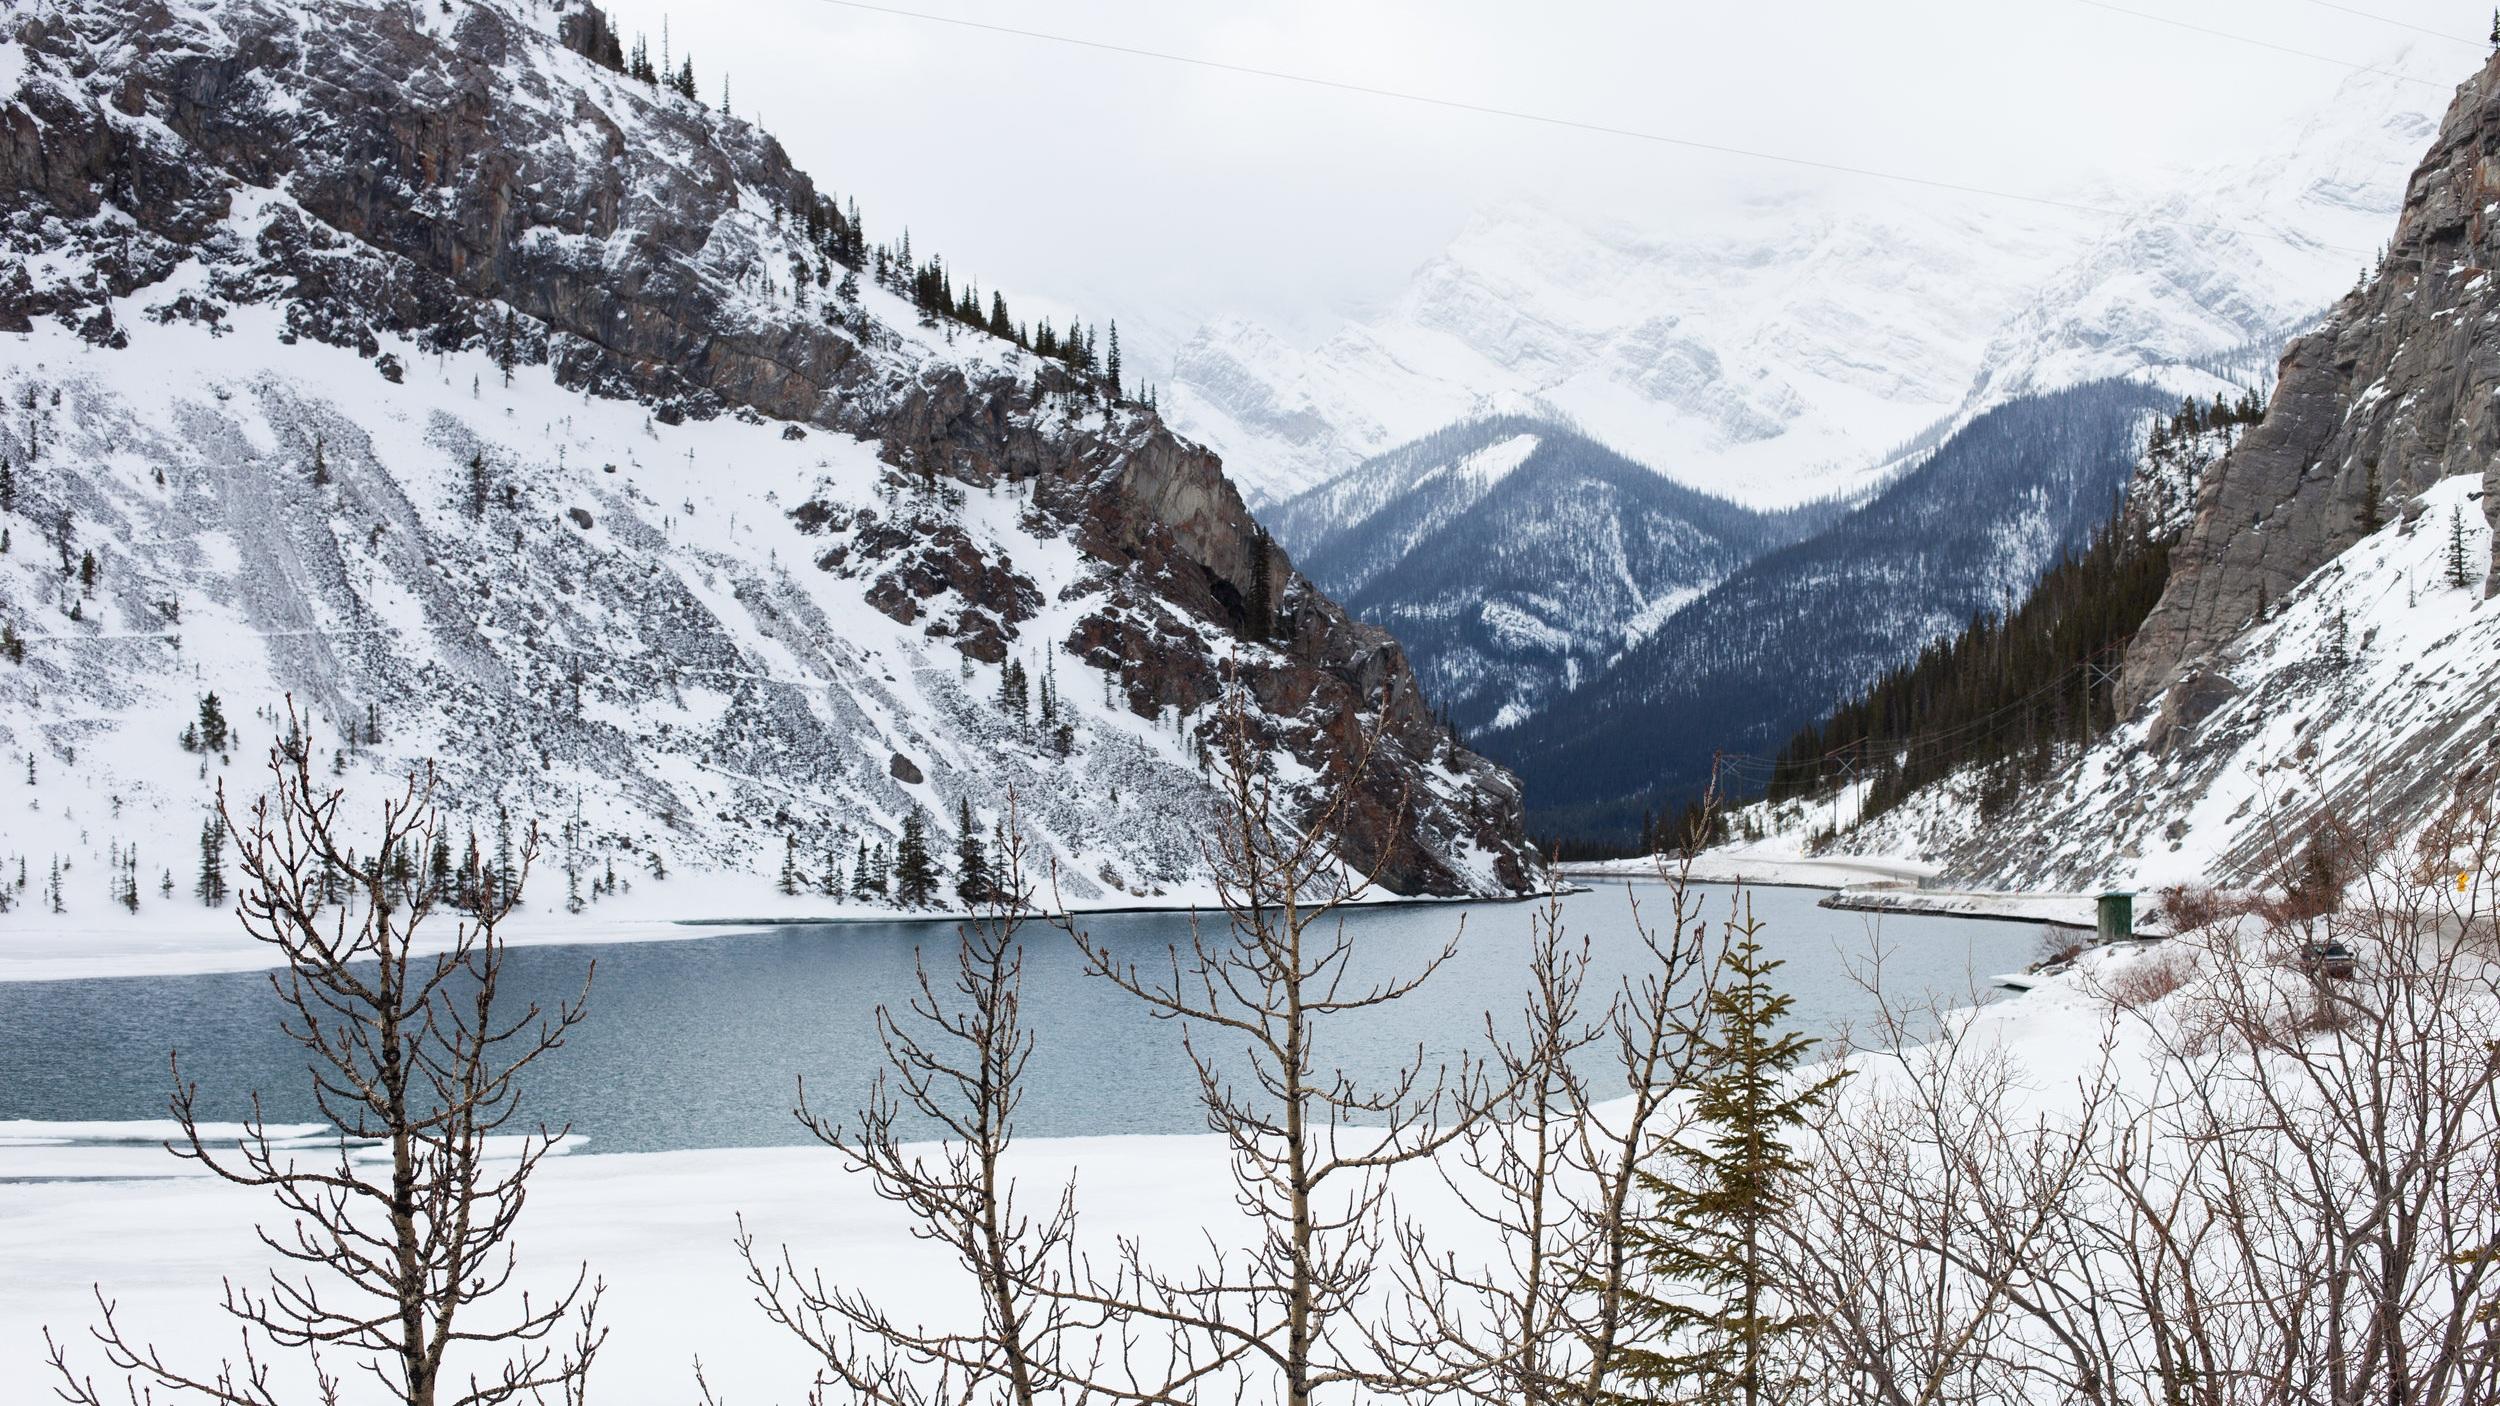 Banff - Knappt en och en halv timmes bilresa från Calgary ligger den lilla staden Banff som är helt omringat av berg. Banff är dessutom Kanadas högst belägna stad fylld av otroliga vyer.